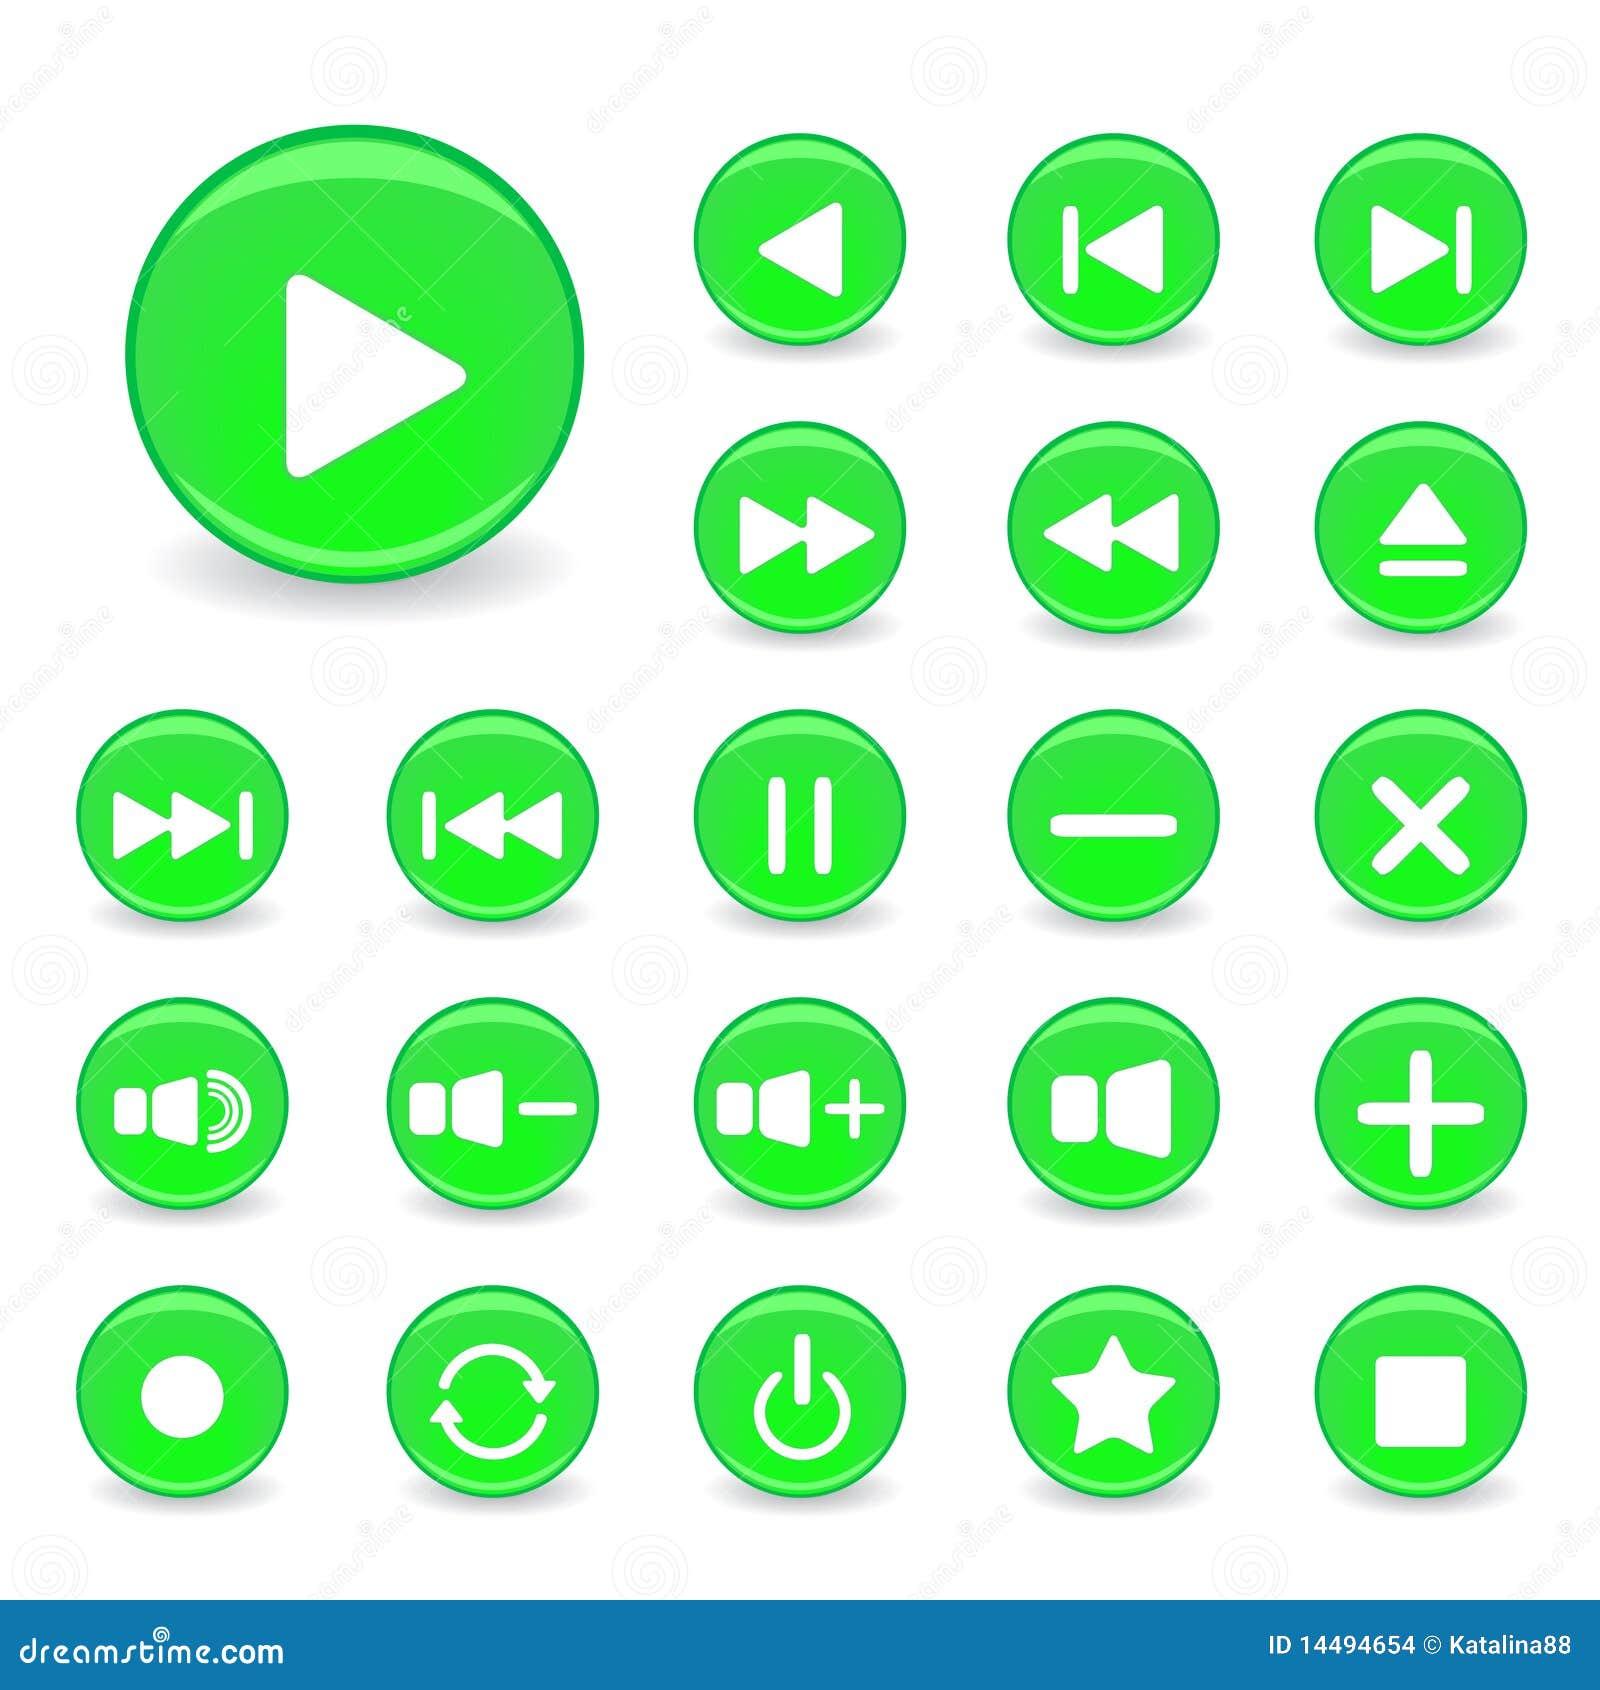 按钮绿色图标媒体播放器白色.图片